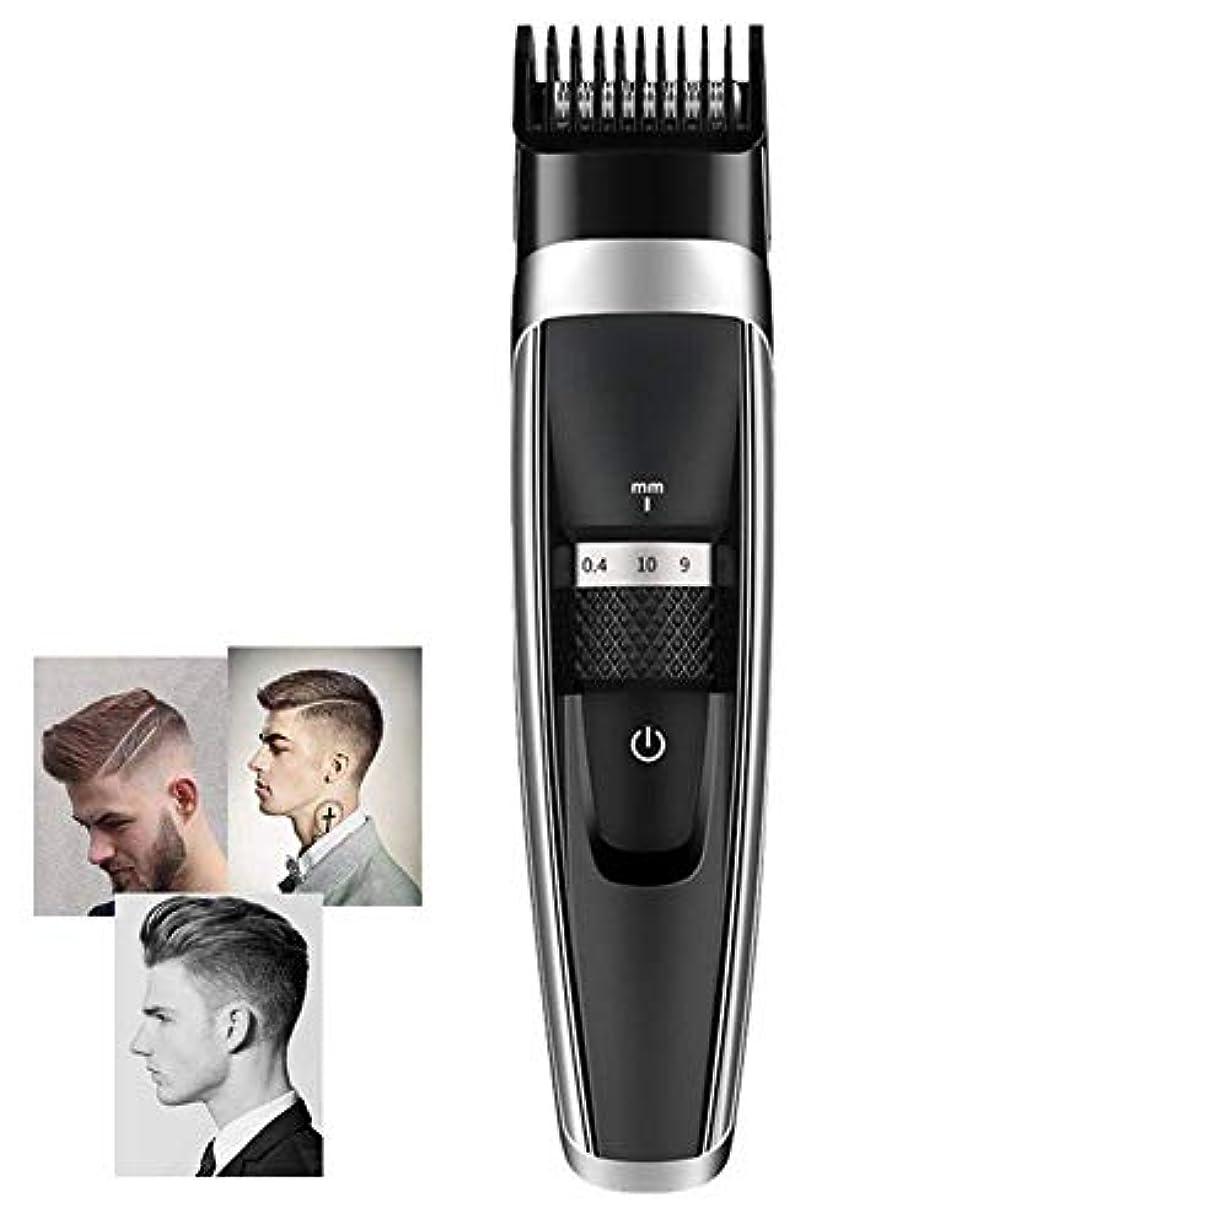 更新する乱雑なクロスバリカン男性Usbの再充電可能な専門のバリカンの低雑音の毛のトリマー、陶磁器の刃の携帯用美のバリカン